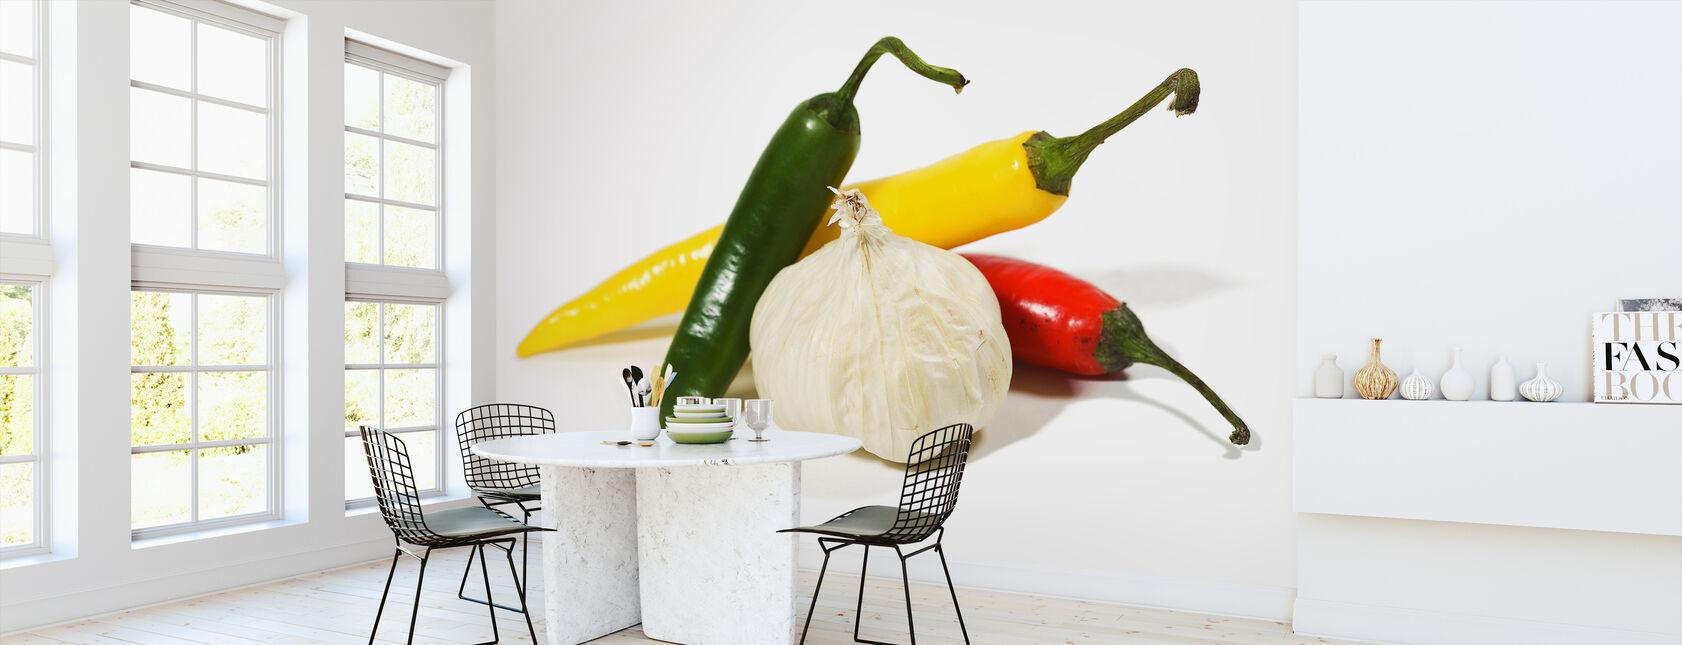 Jalapeño and Garlic - Wallpaper - Kitchen